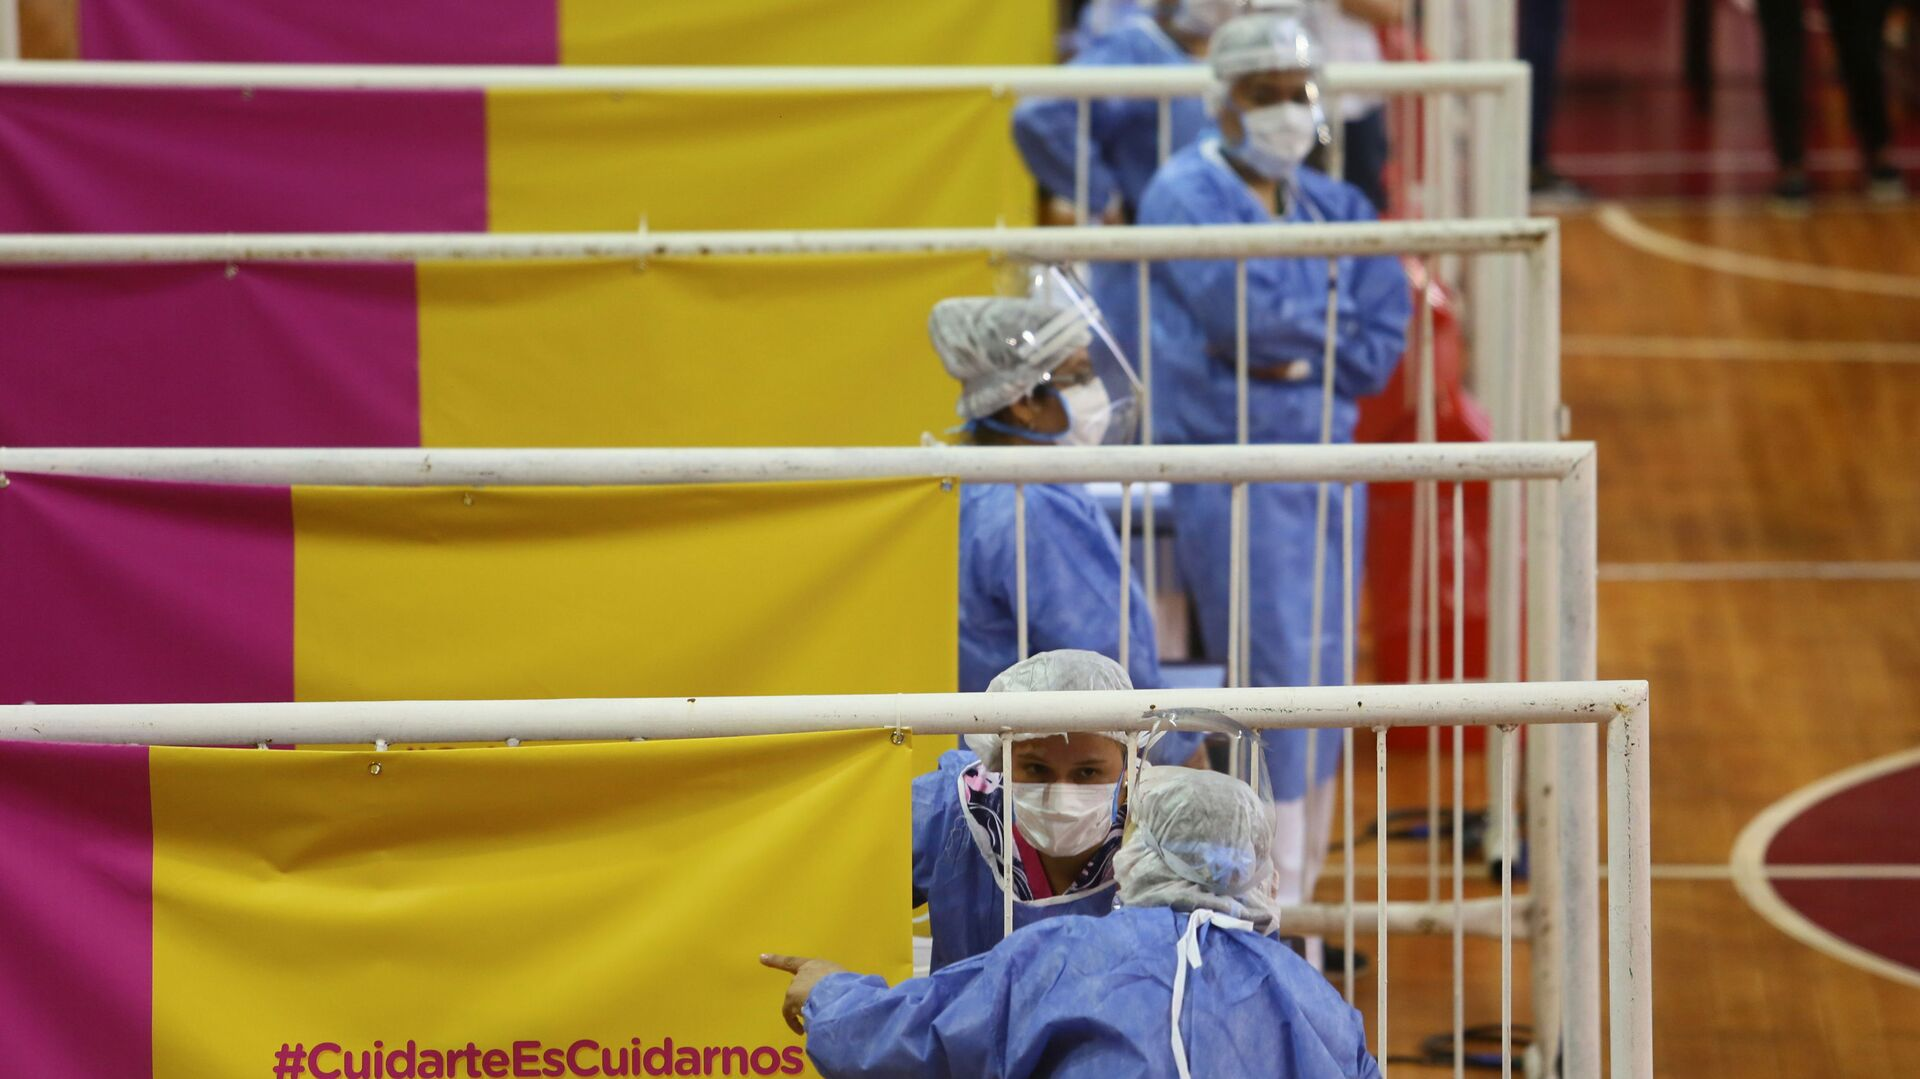 Медицинские работники во время вакцинации российской вакциной Sputnik V на стадионе Ривер Плейт в Буэнос-Айресе, Аргентина - Sputnik Italia, 1920, 22.06.2021